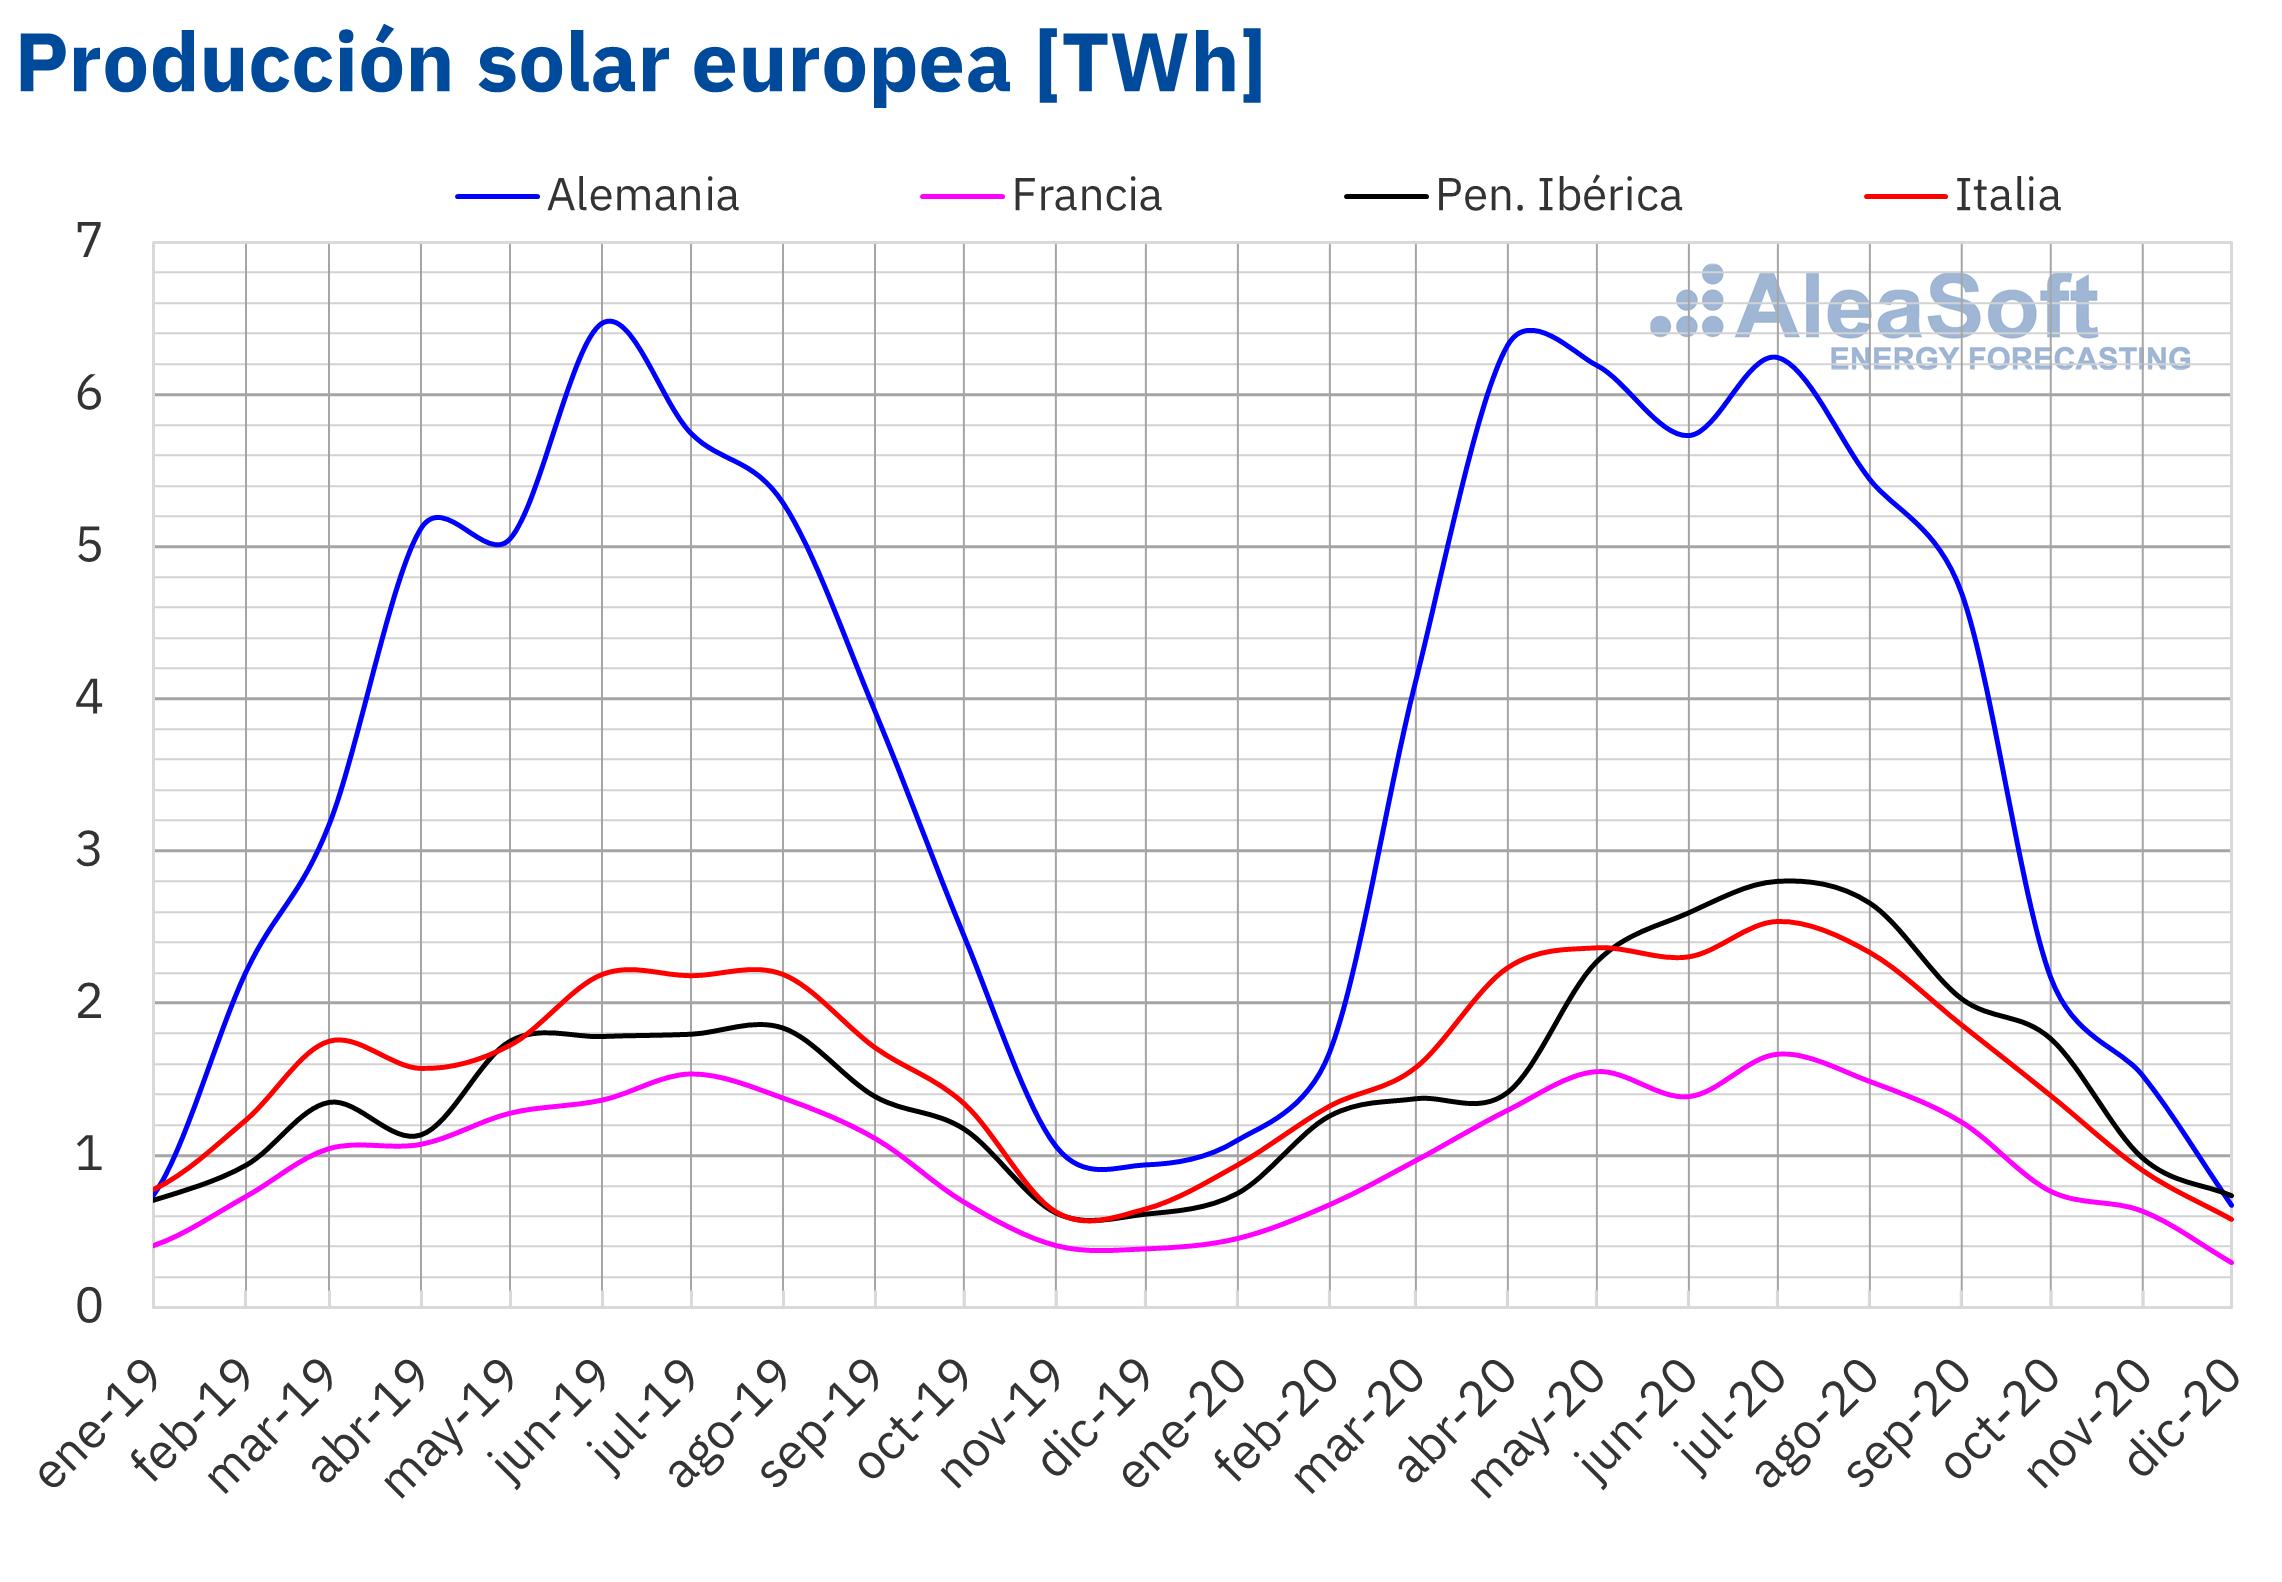 AleaSoft - Produccion mensual solar fotovoltaica termosolar electricidad Europa 2020